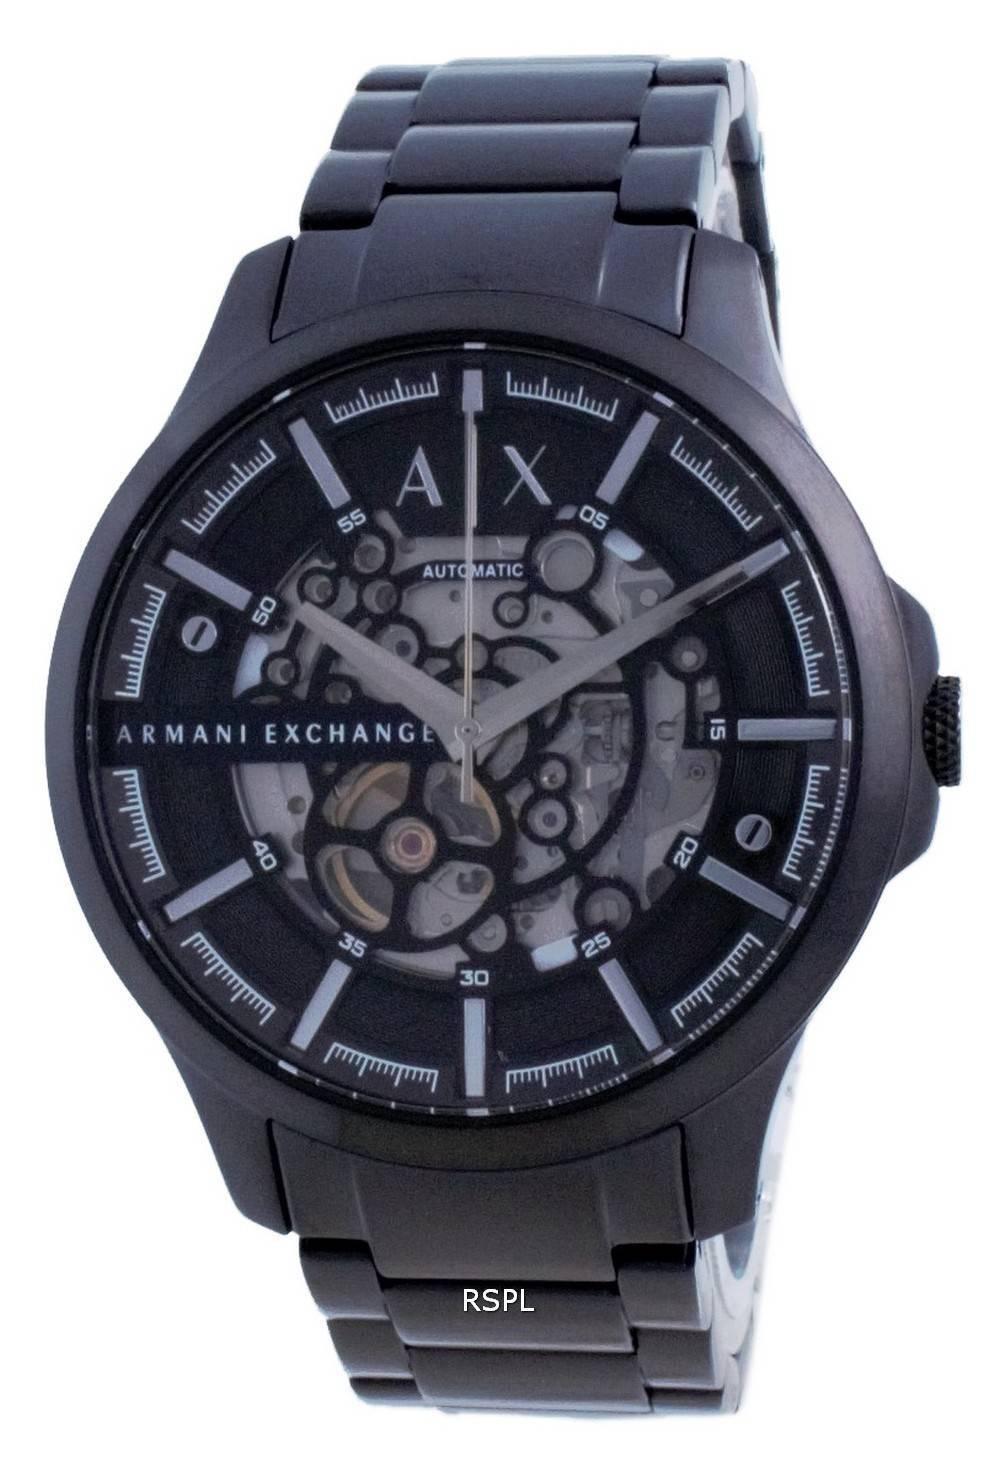 Armani Exchange Hampton Luuranko Ruostumaton Teräs Automaattinen AX2418 miesten kello